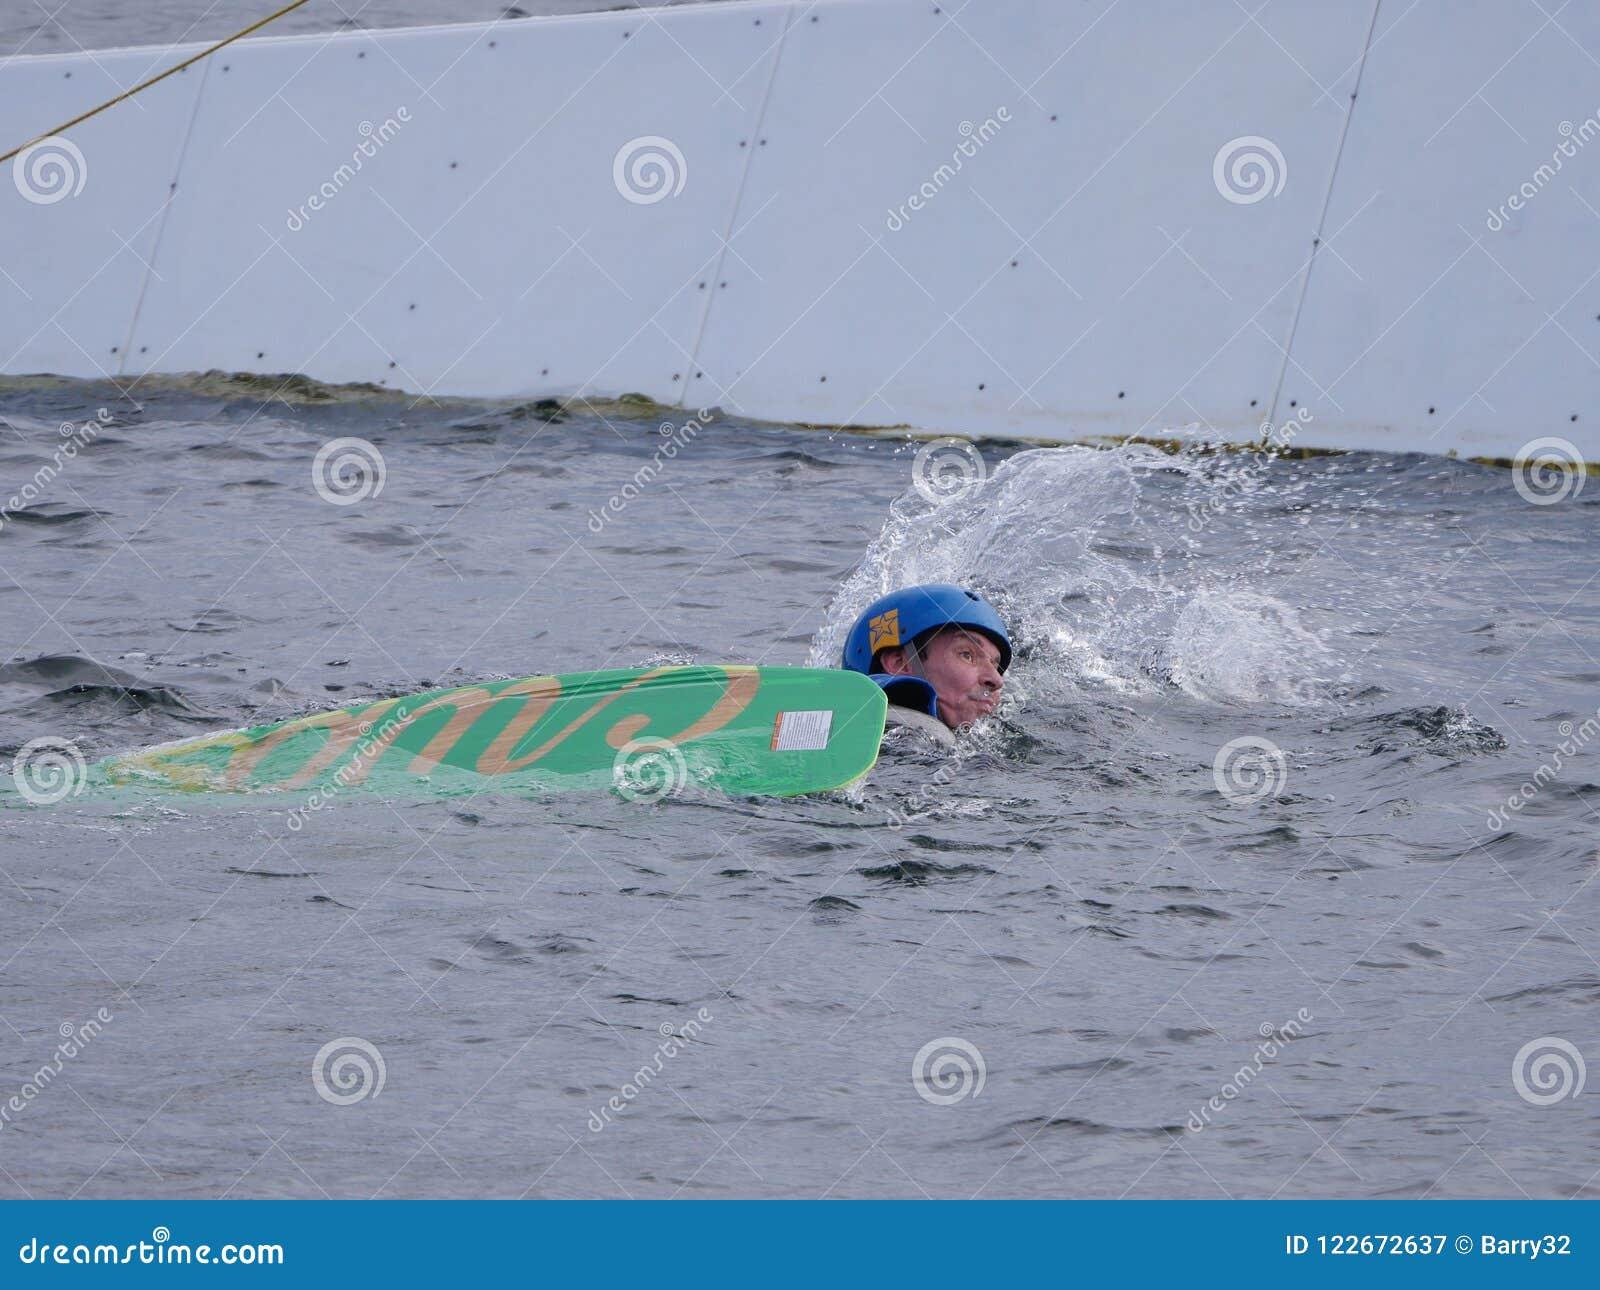 Человек падал в воду пока восхождение на борт бодрствования